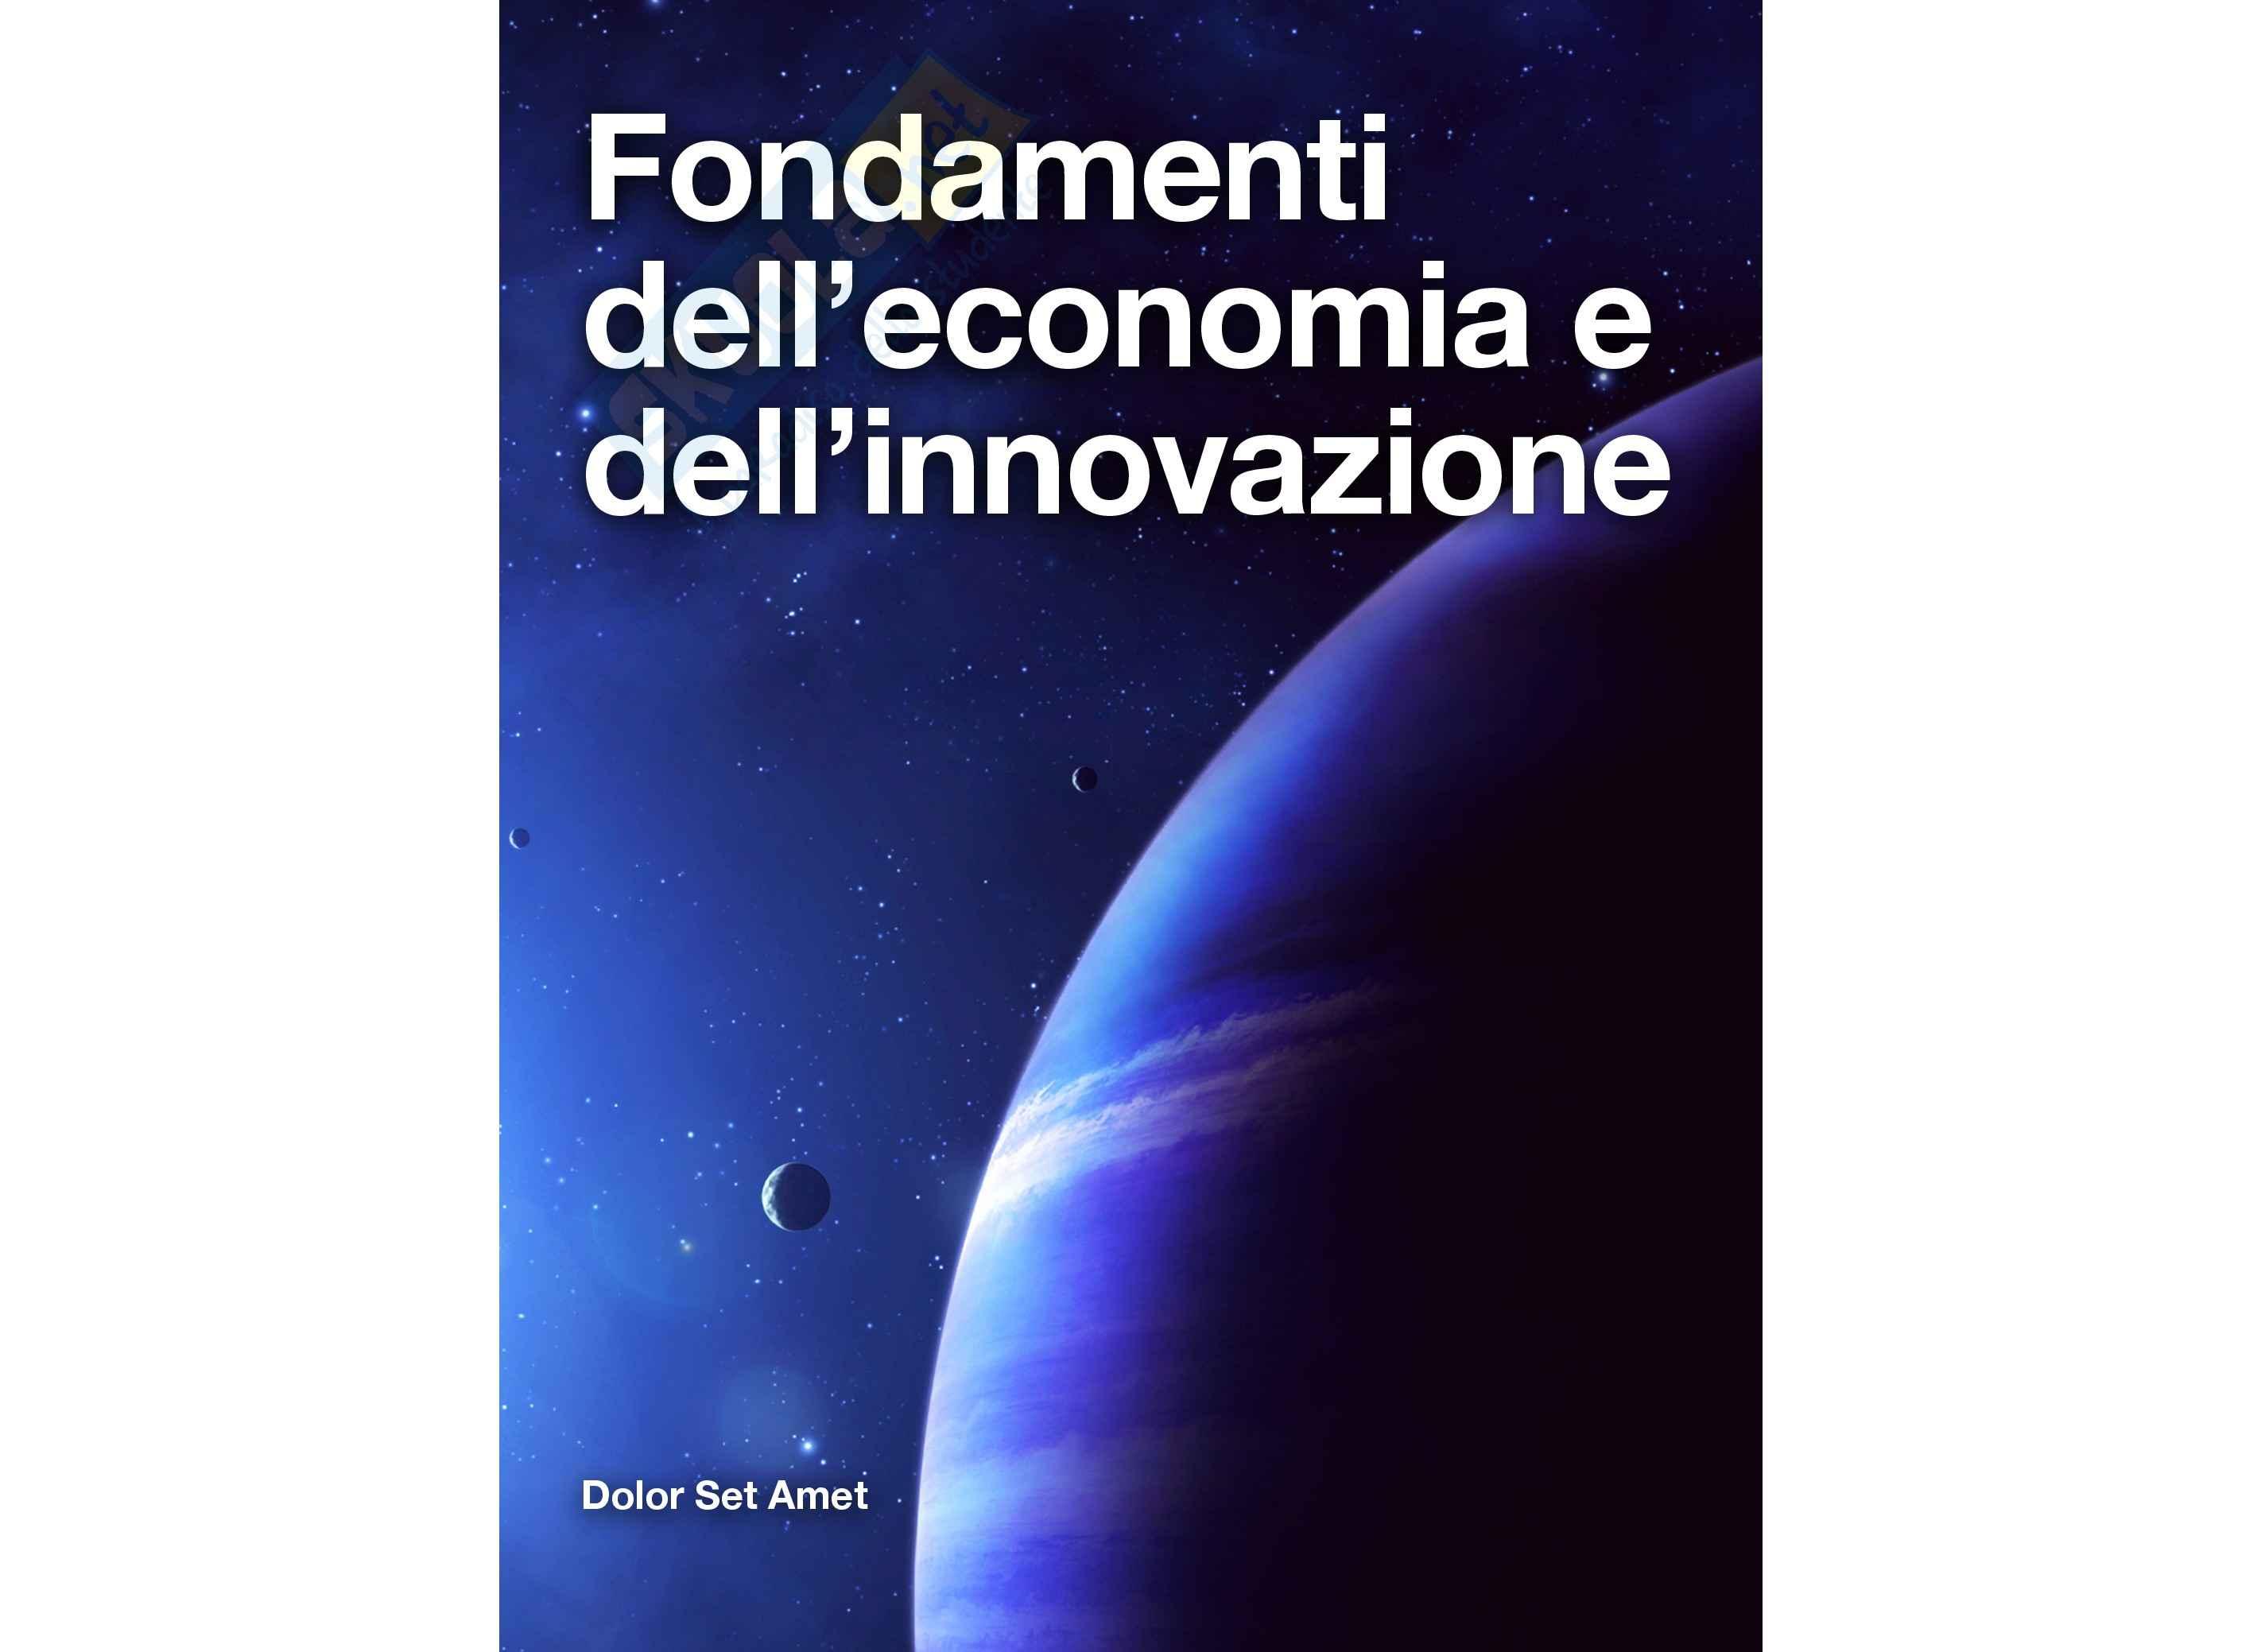 appunto R. Grimaldi Fondamenti di economia aziendale e dell'innovazione